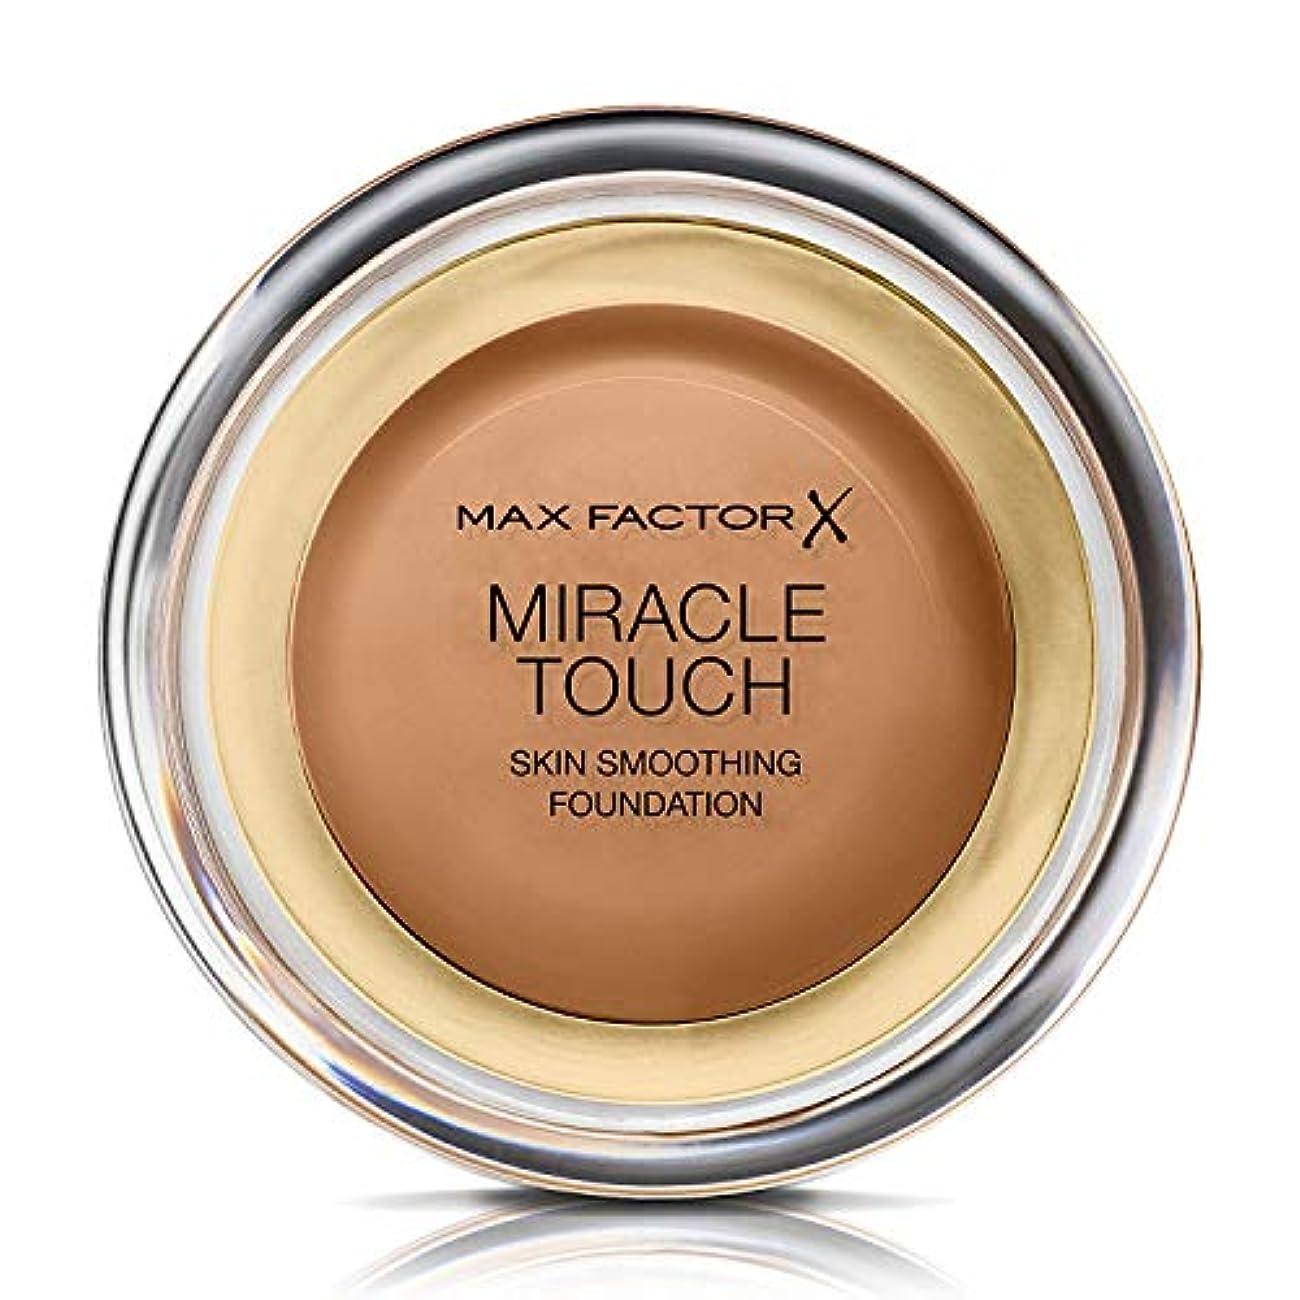 スキャン外向きブロックするマックス ファクター ミラクル タッチ スキン スムーズ ファウンデーション - カラメル Max Factor Miracle Touch Skin Smoothing Foundation - Caramel 085...